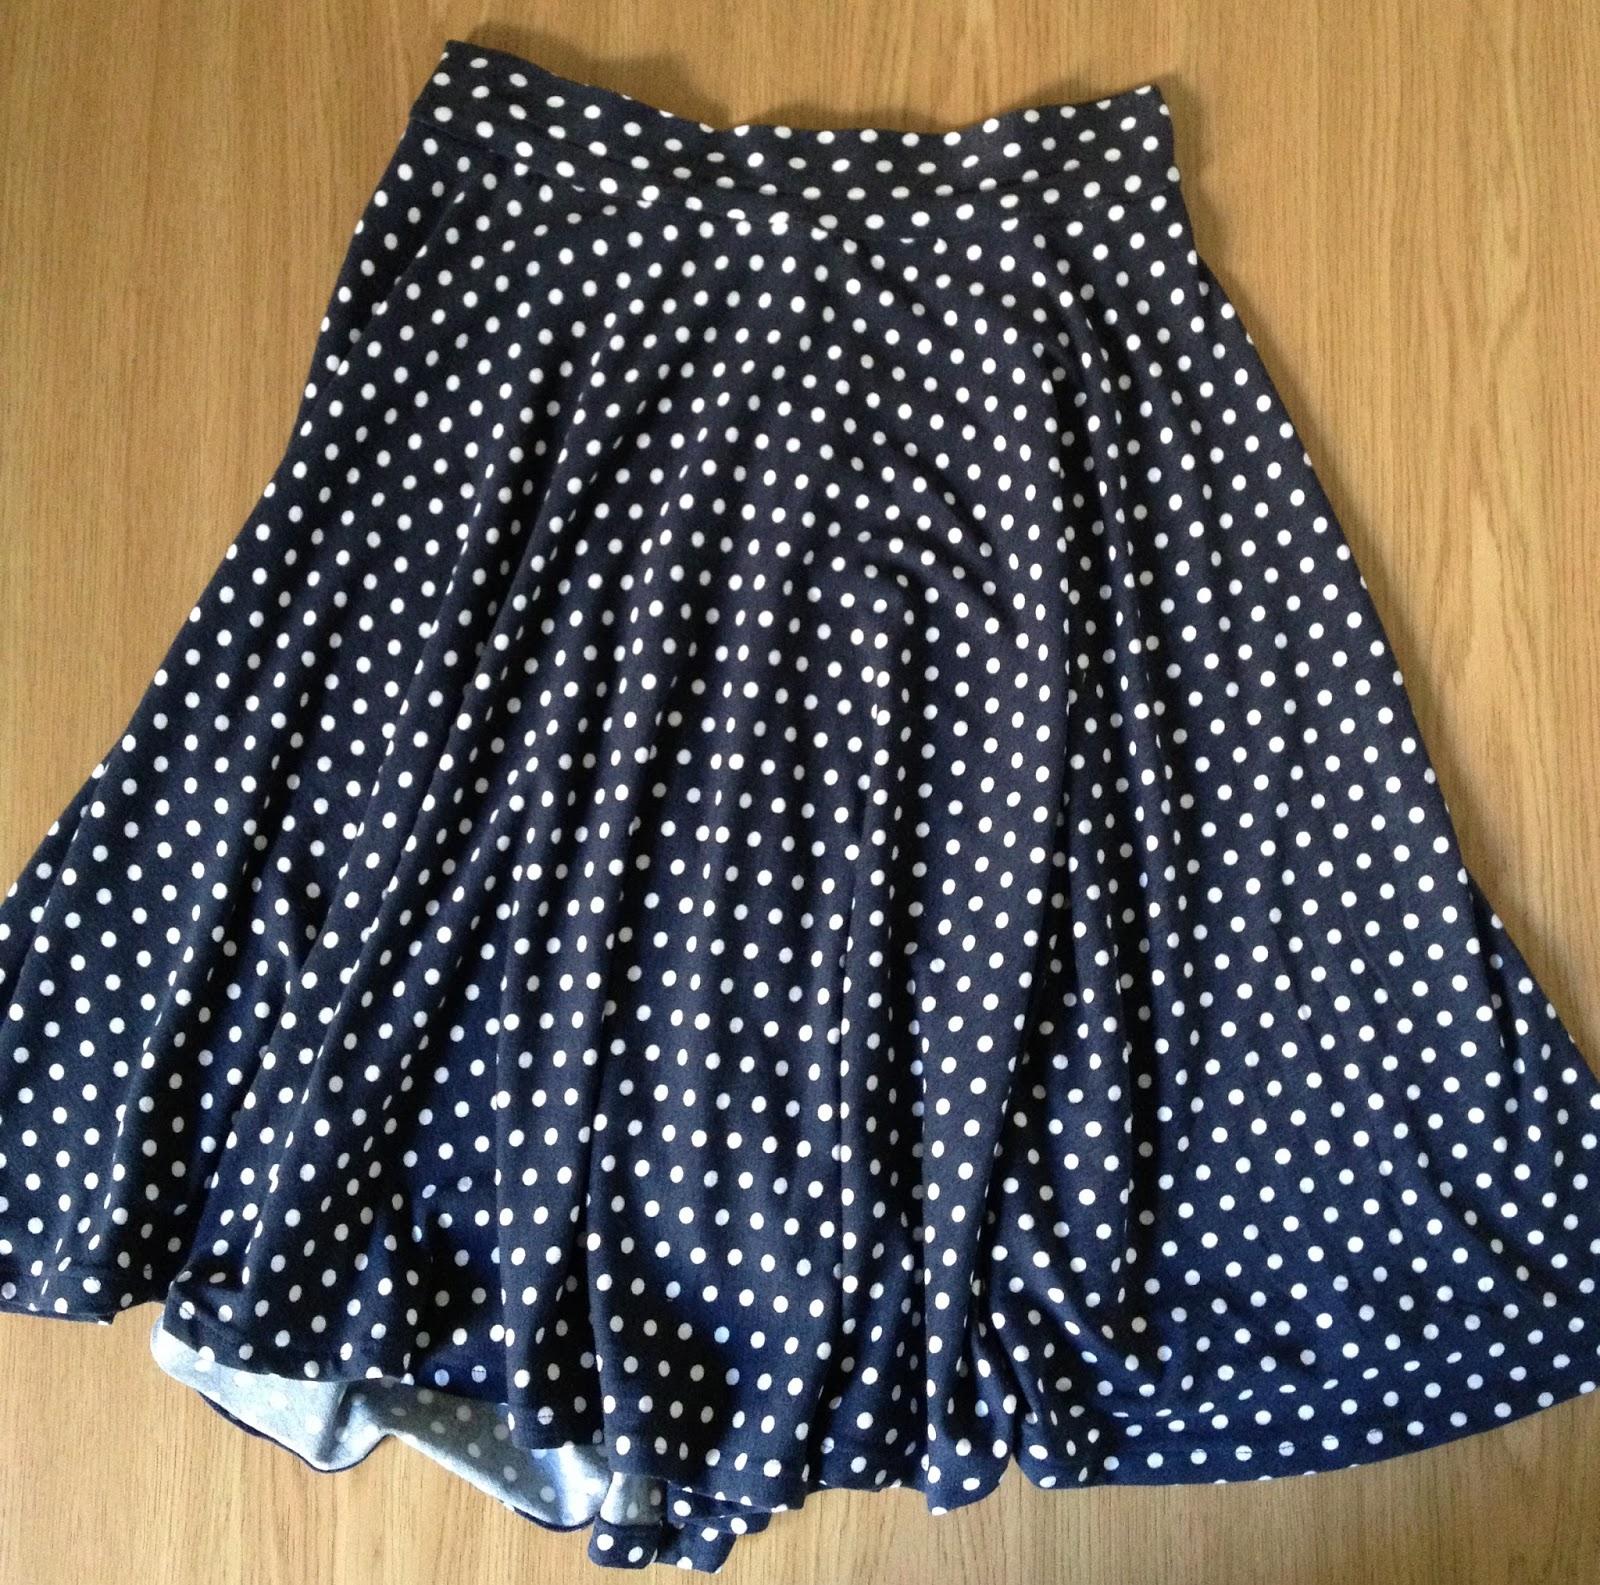 Diary of a Chain Stitcher : Polkadot Jersey Circle Skirt